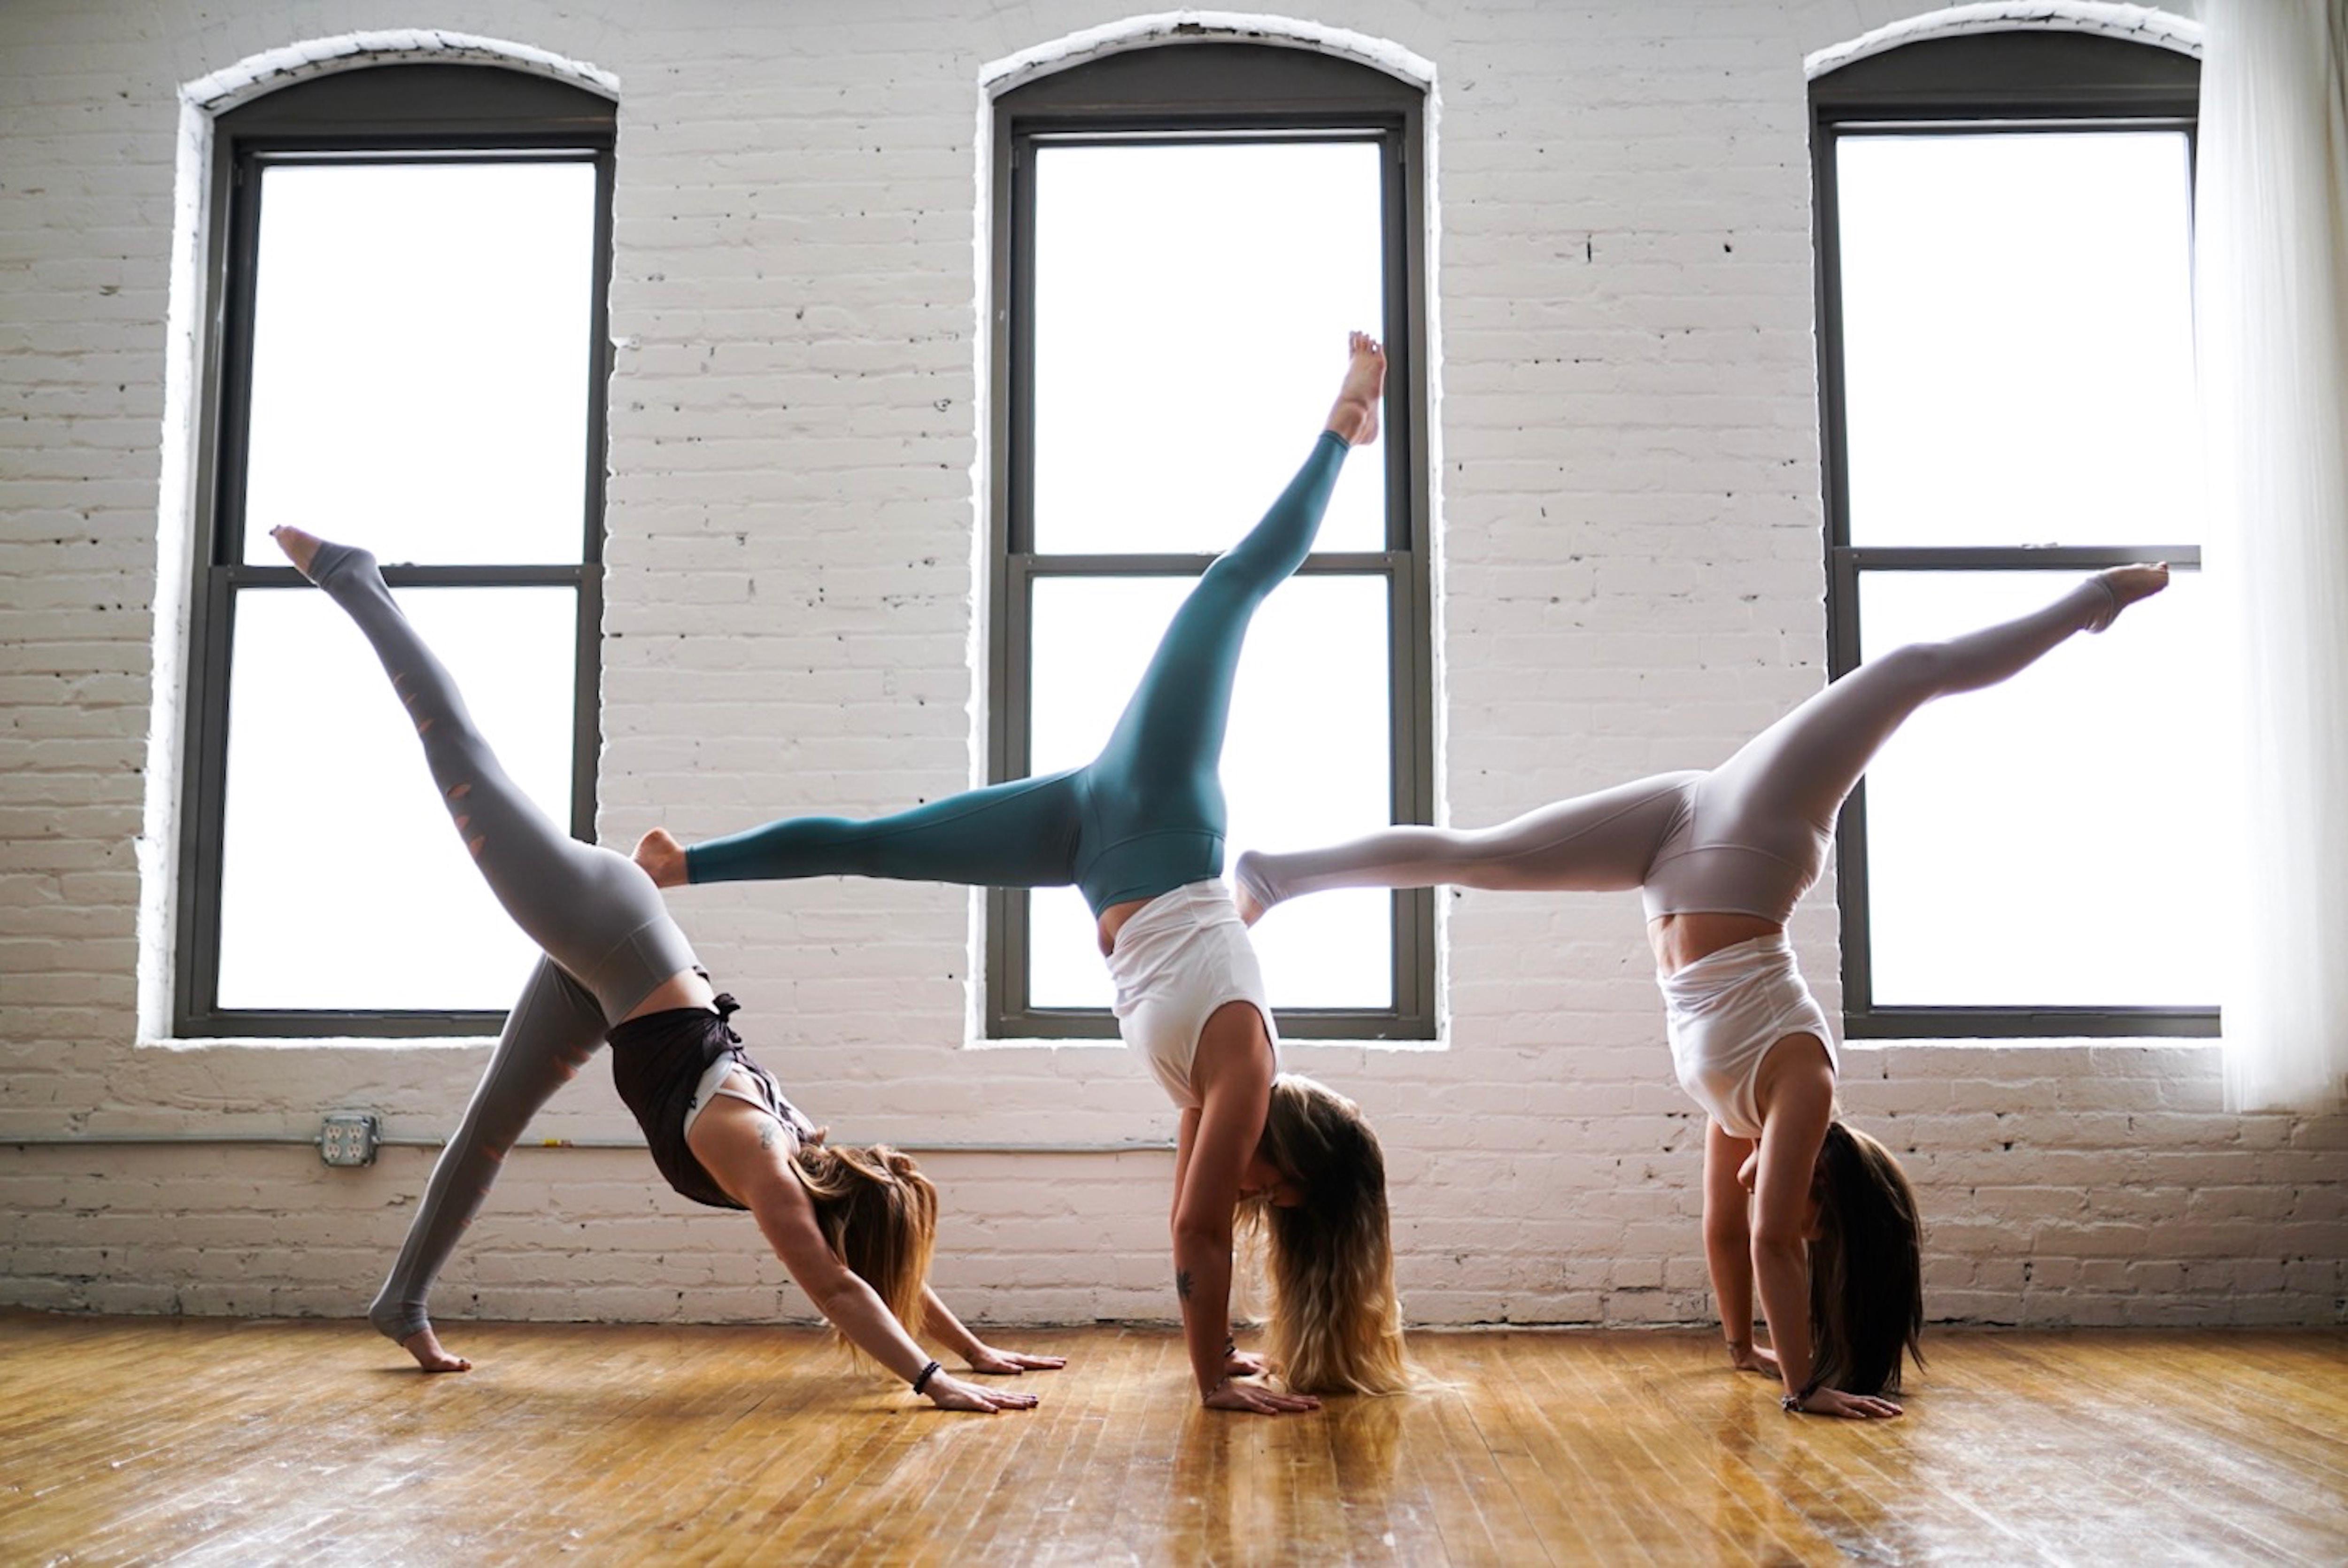 come perdere peso bikram yoga